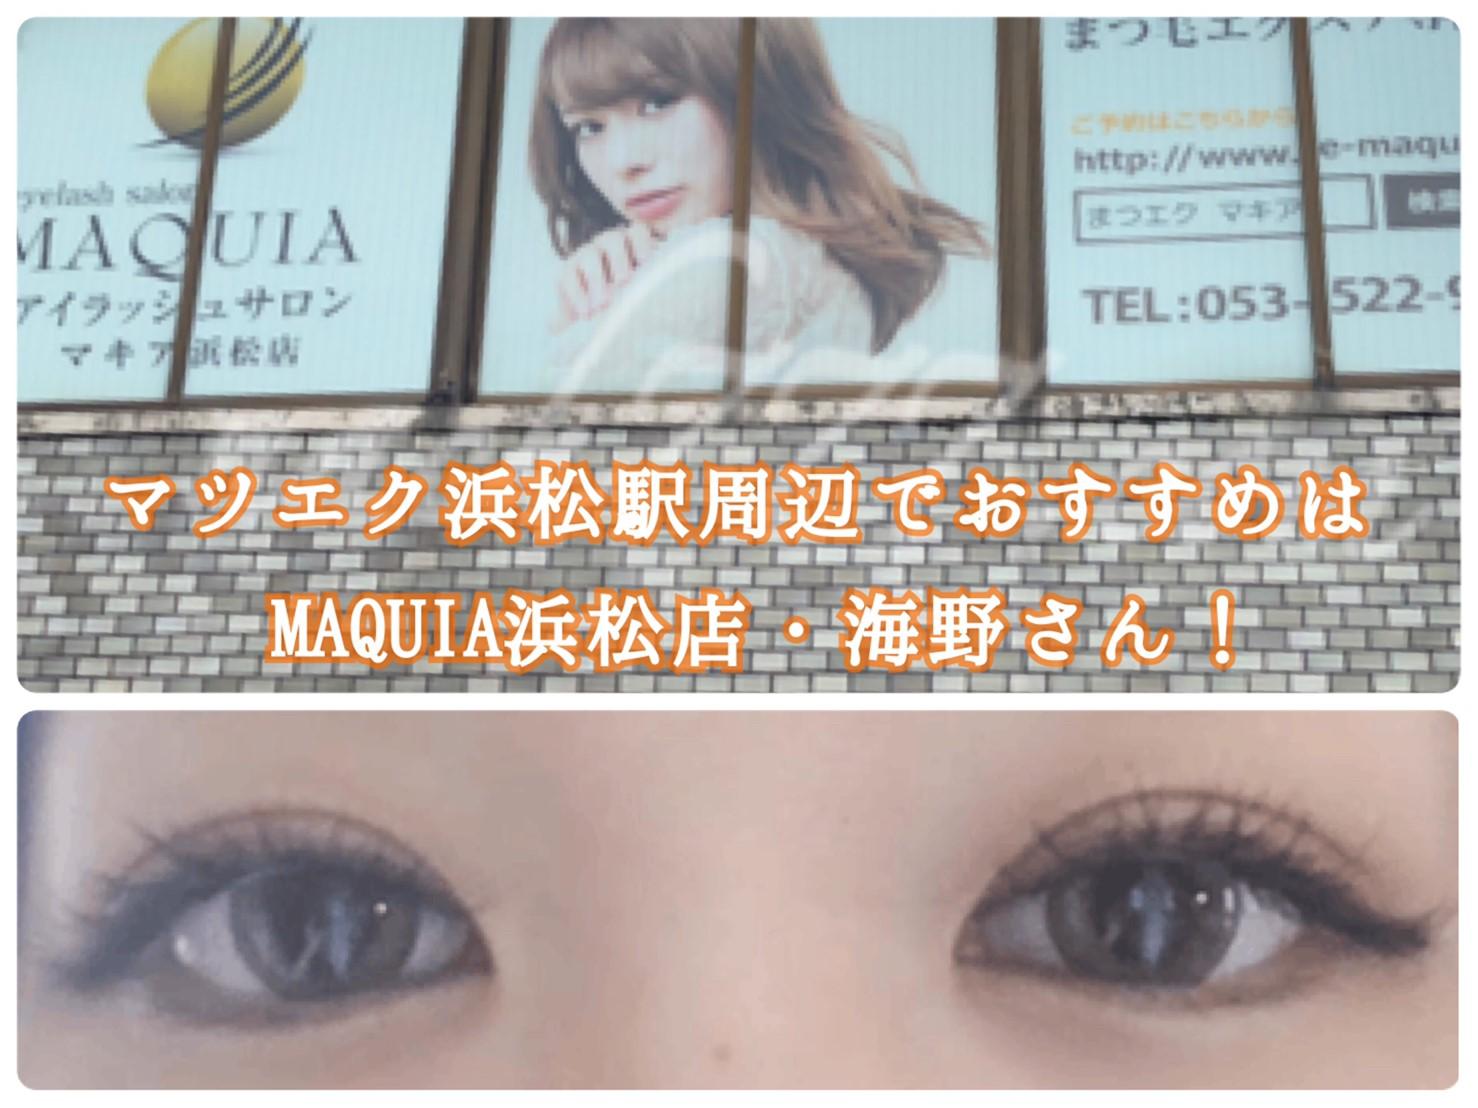 マツエク浜松駅周辺でおすすめはMAQUIA浜松店・海野さん!